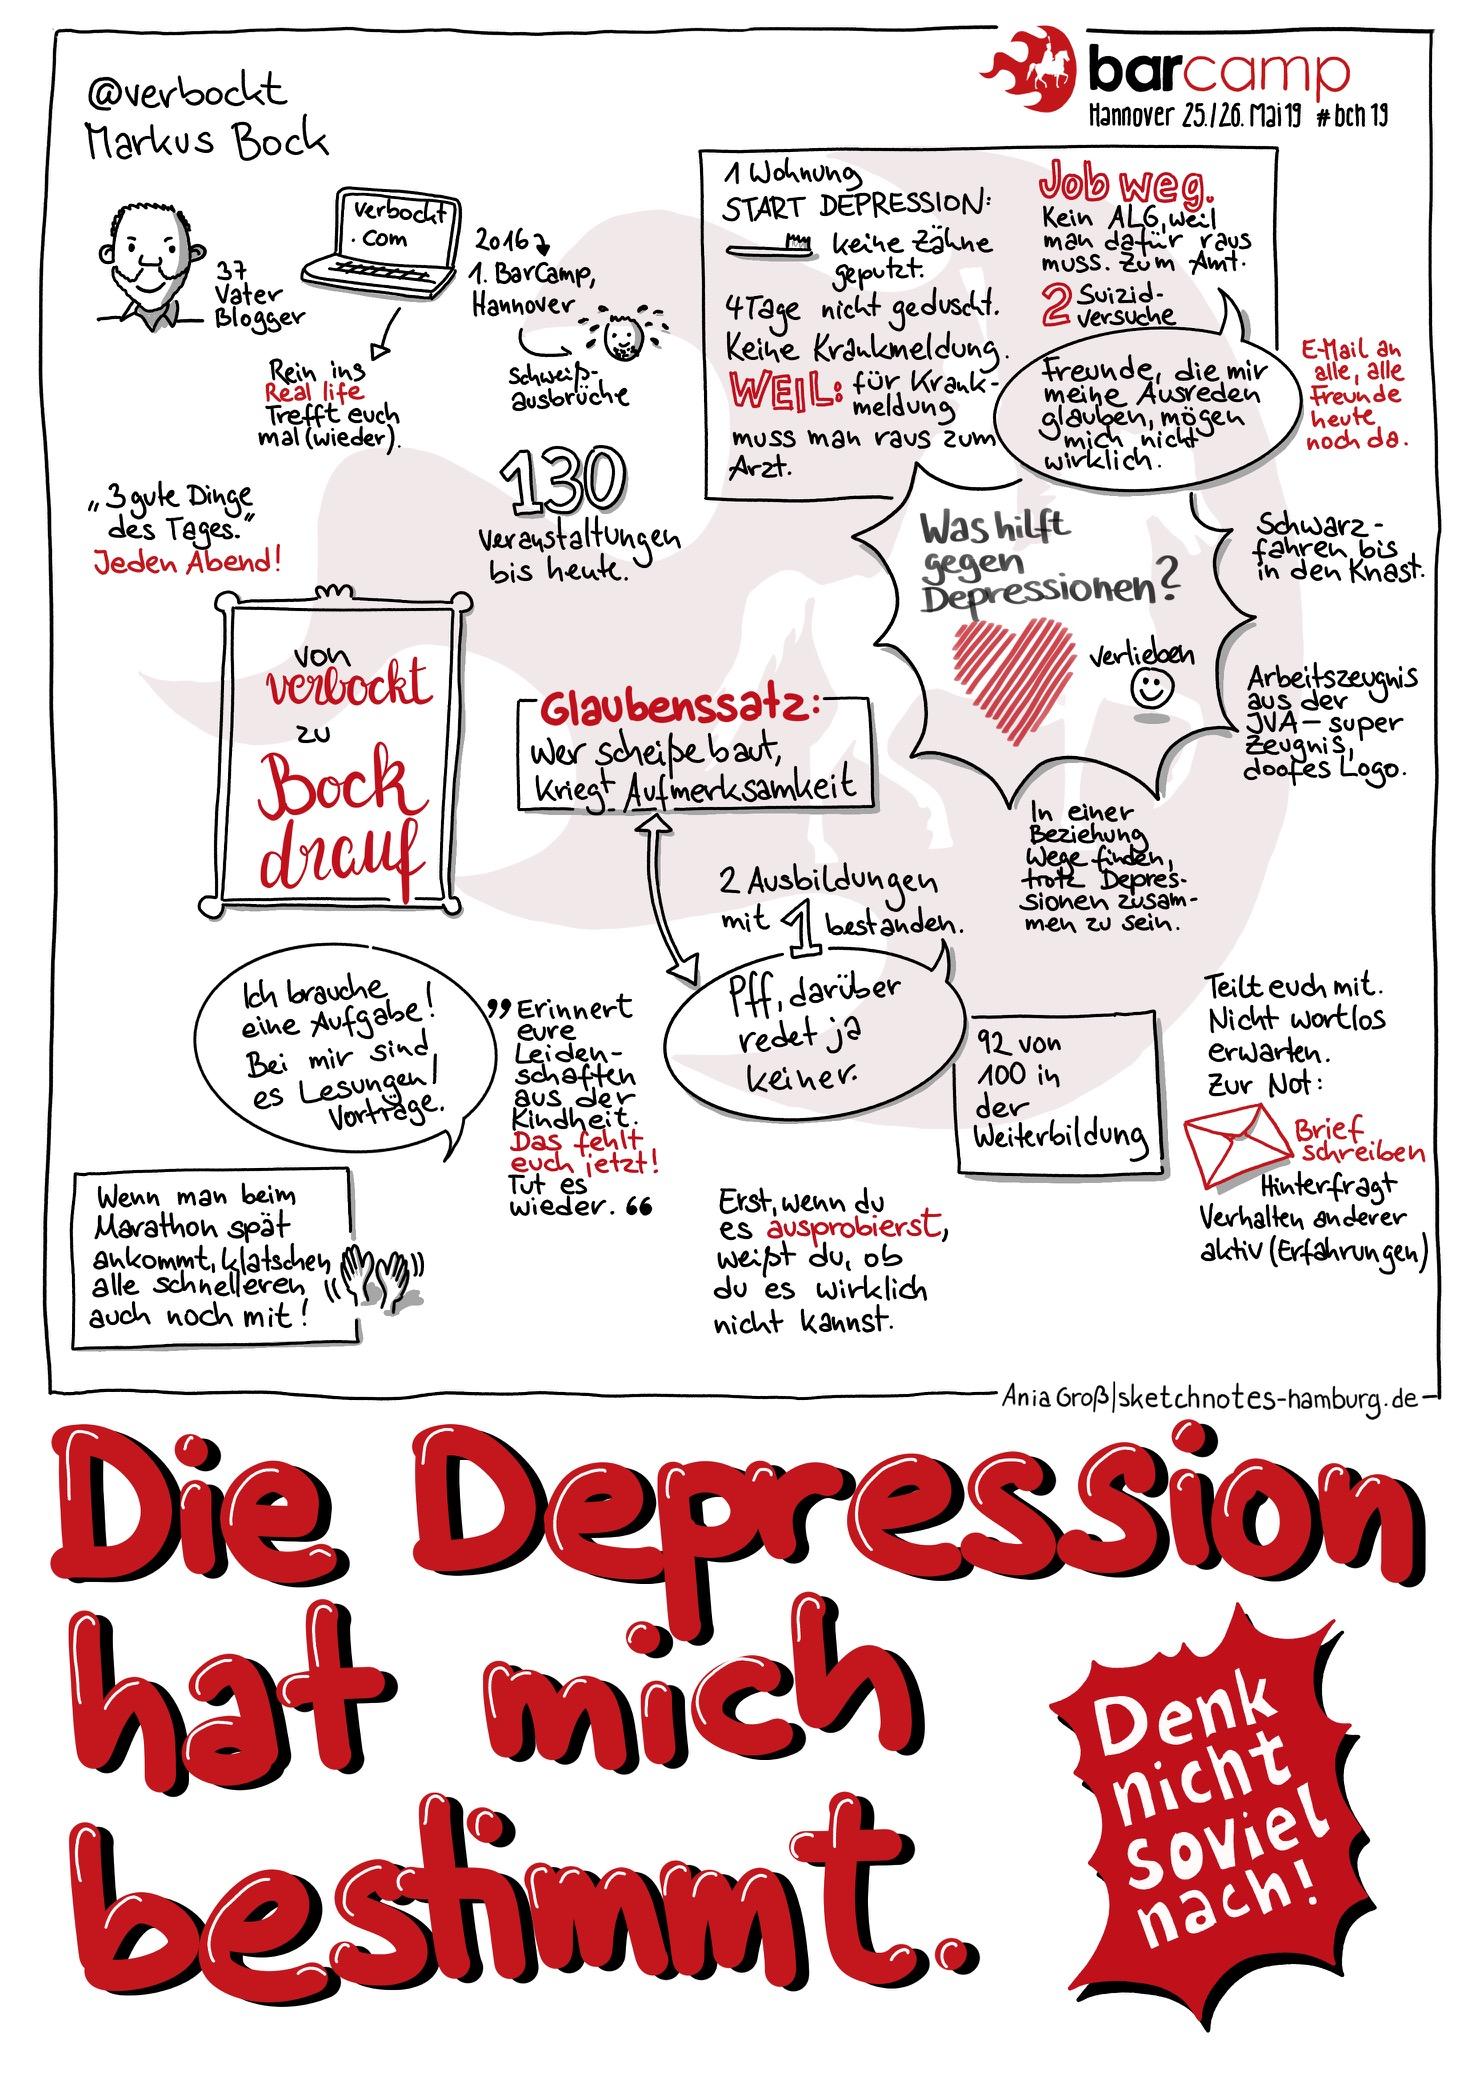 Markus hat Wege aus der Gepression gefunden. Das Hannoveraner BarCamp spielte dabei eine wichtige Rolle. Sketchnotes: © Ania Groß